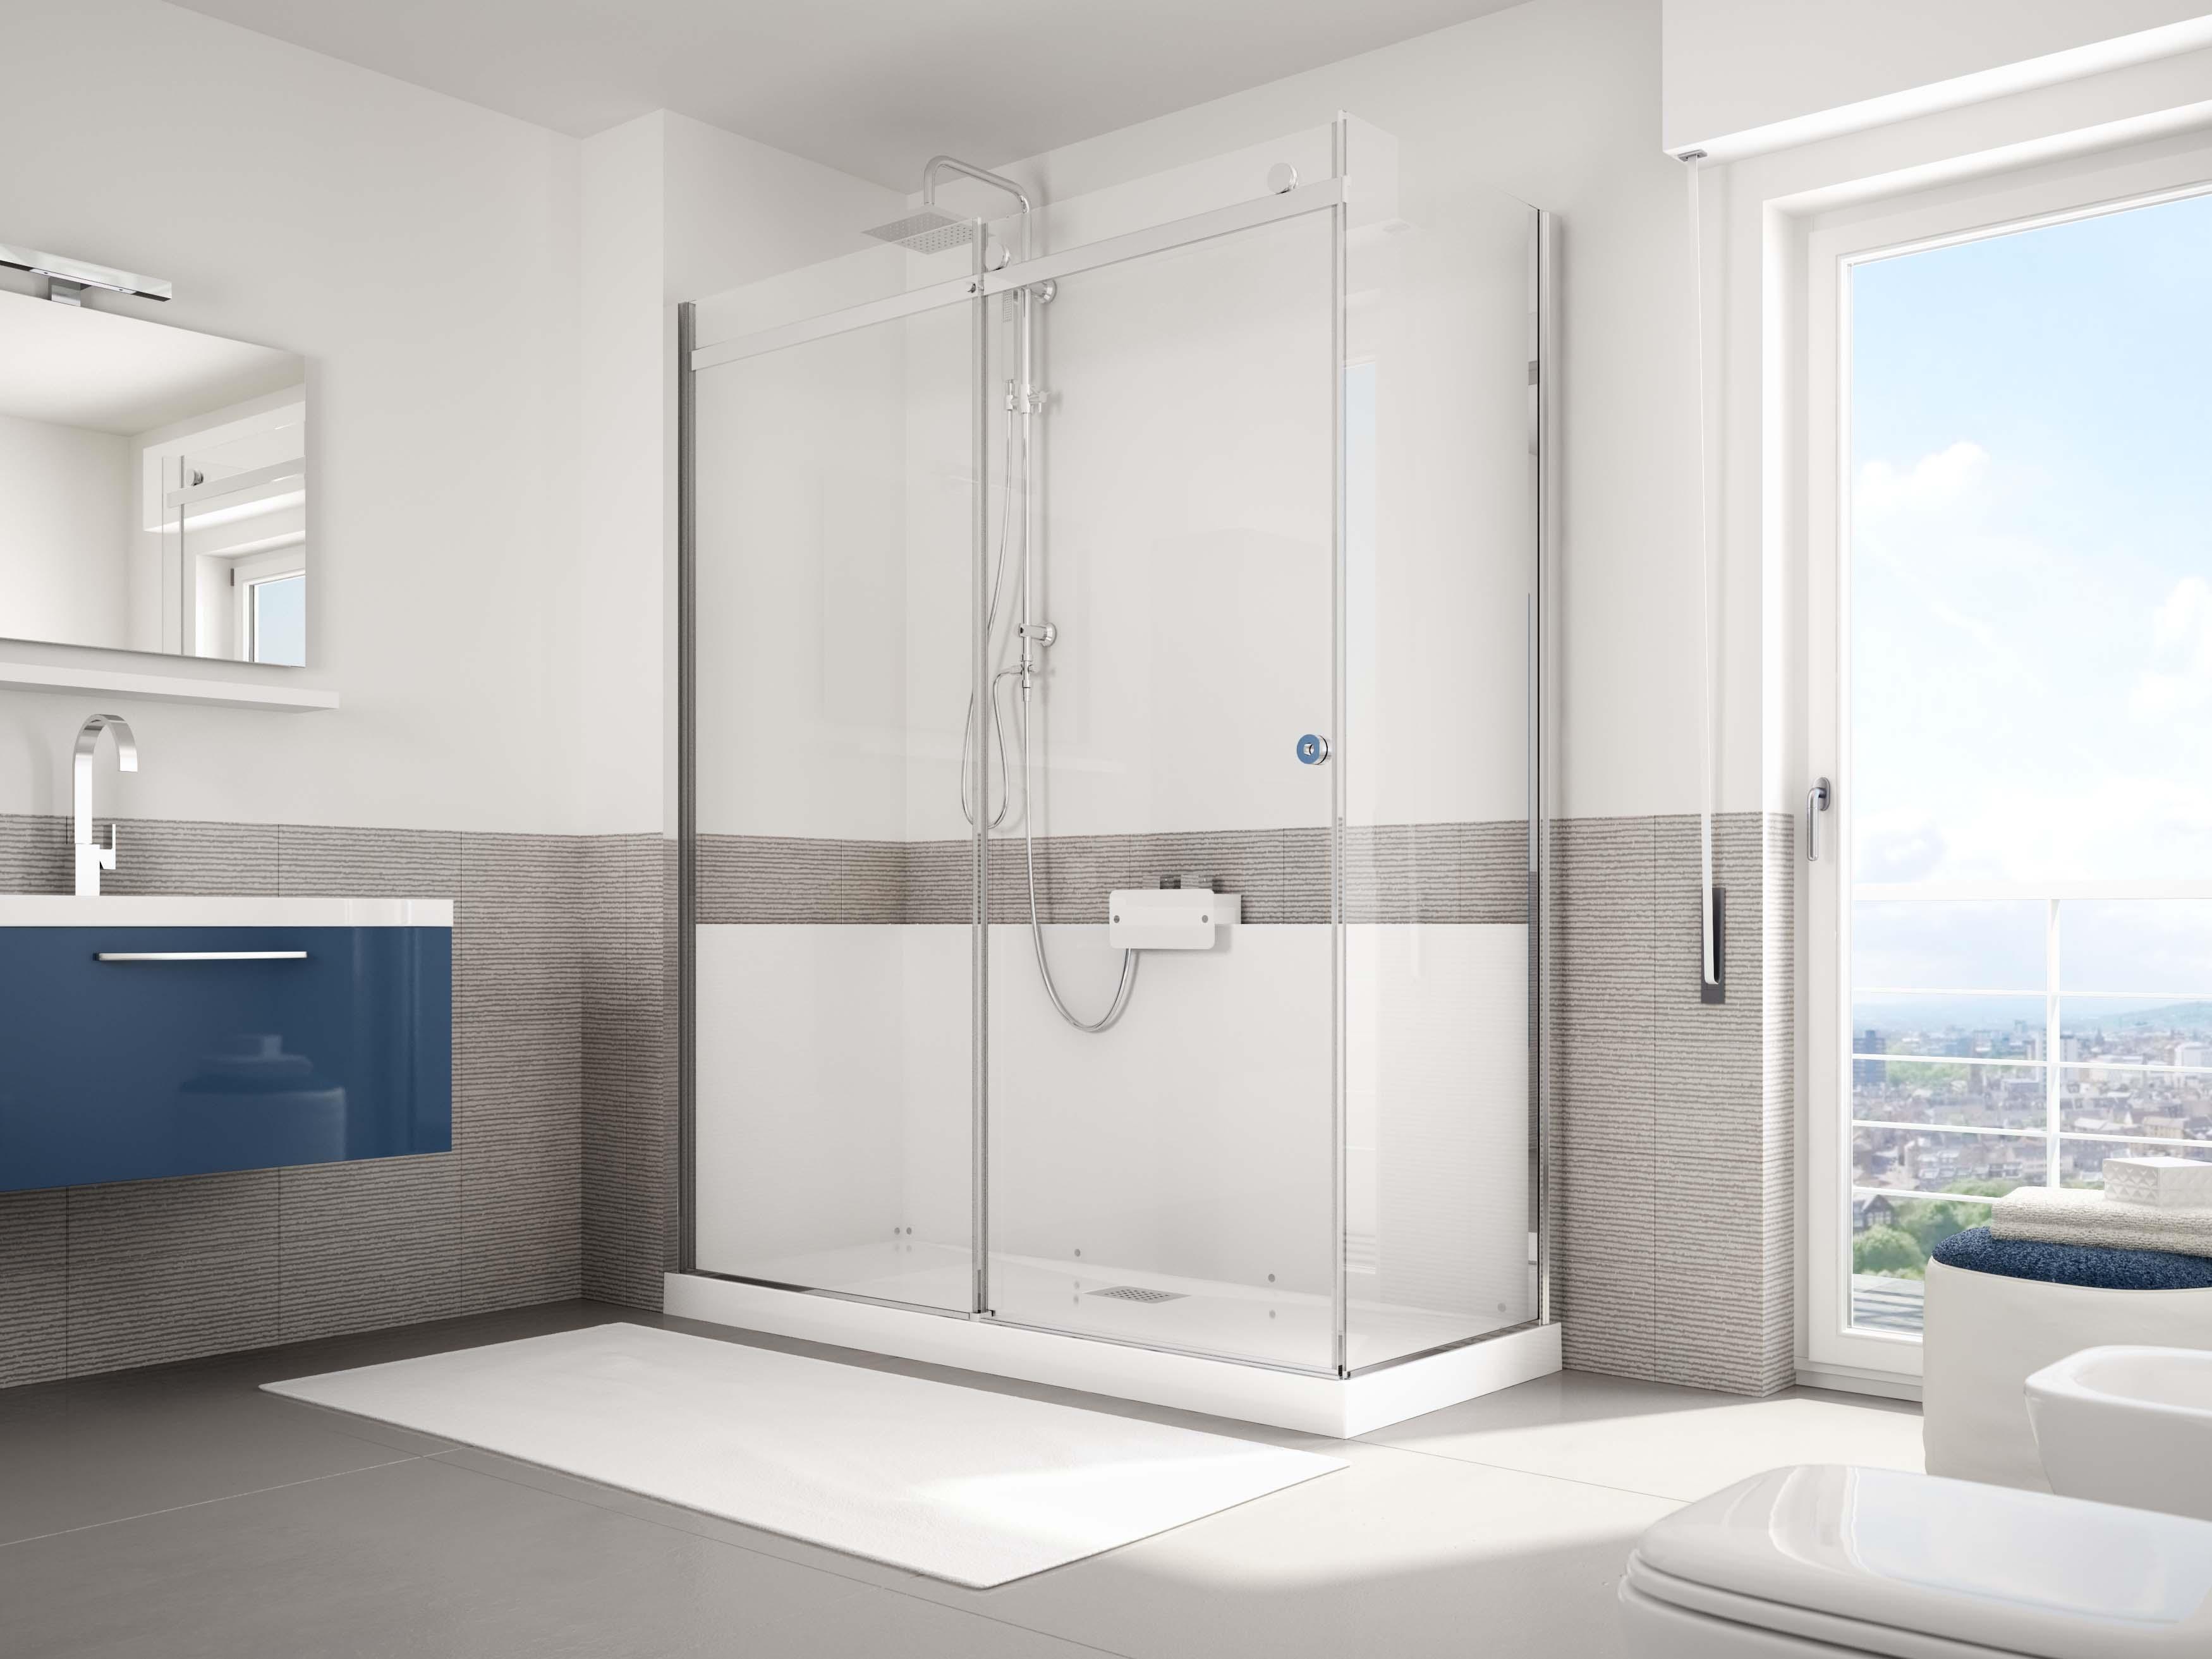 Grandform g magic 170x70 sconto 40 trasforma la tua vasca in una doccia arredo bagno a prezzi - Vasca da bagno con box doccia ...